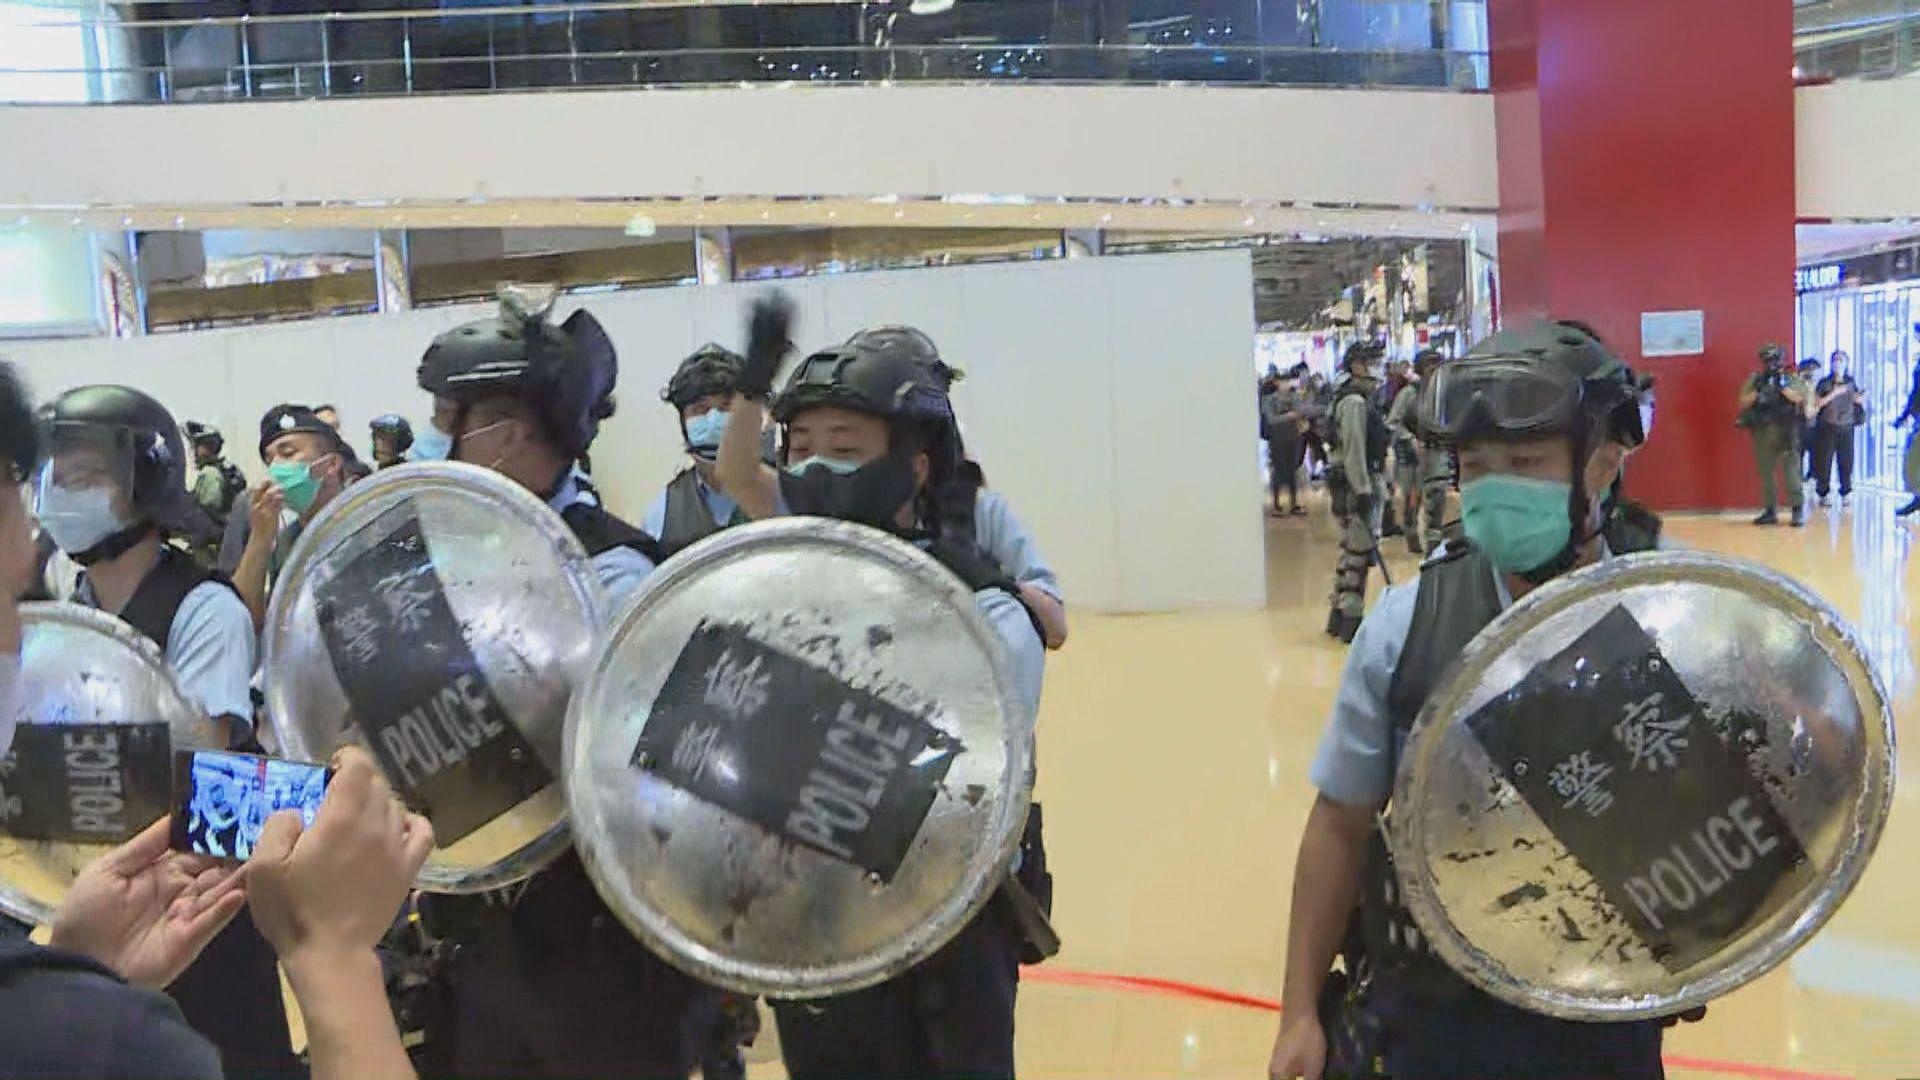 警方指抱有共同聚集目的已屬公眾地方群組聚集